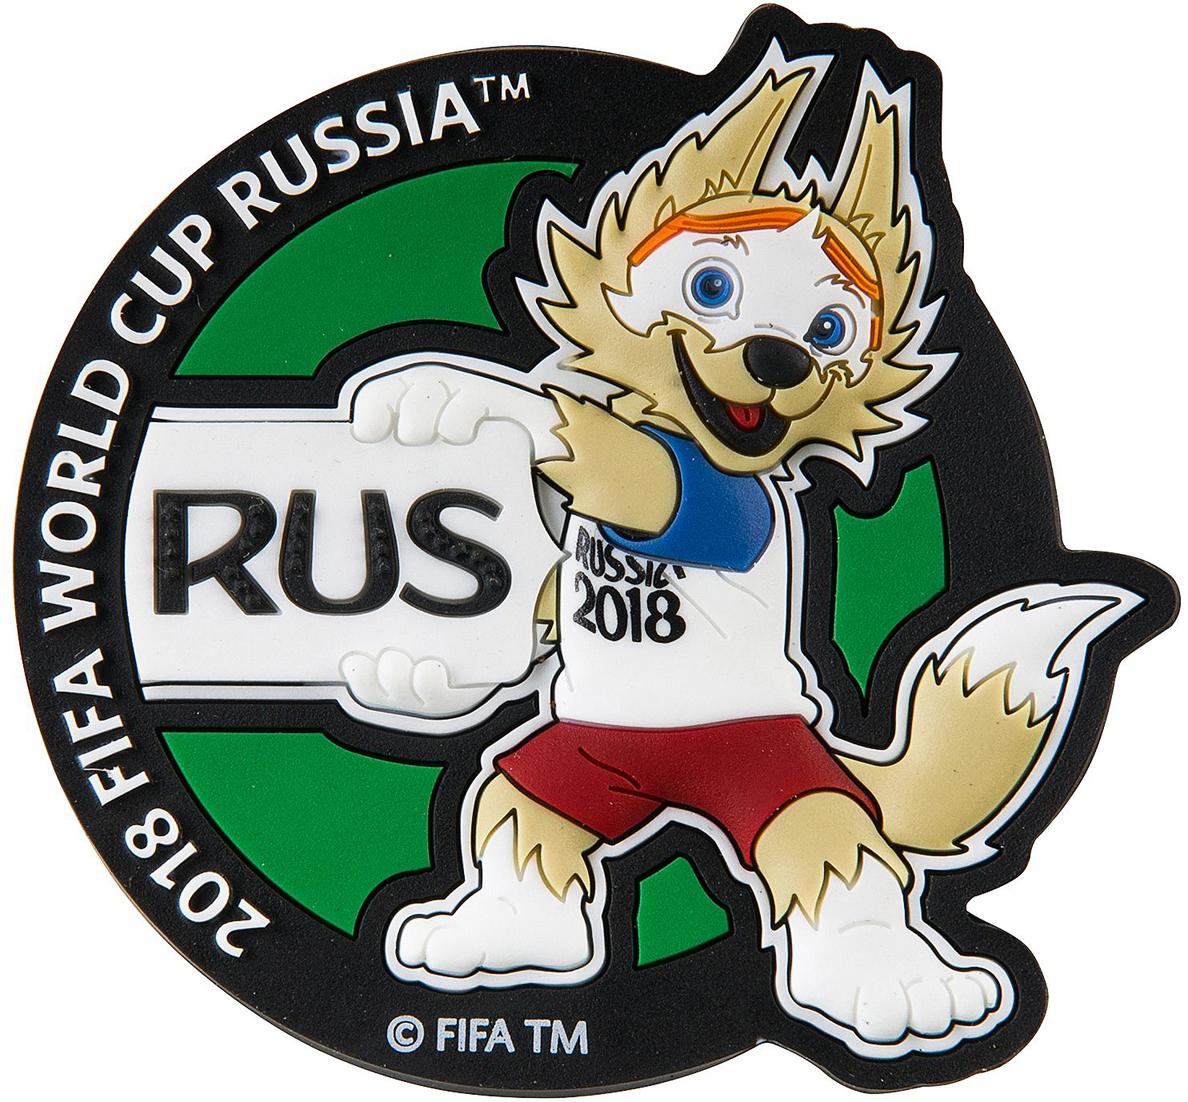 Магнит сувенирный FIFA 2018 Россия, 6 х 13 см. СН034 магнит fifa 2018 россия пвх